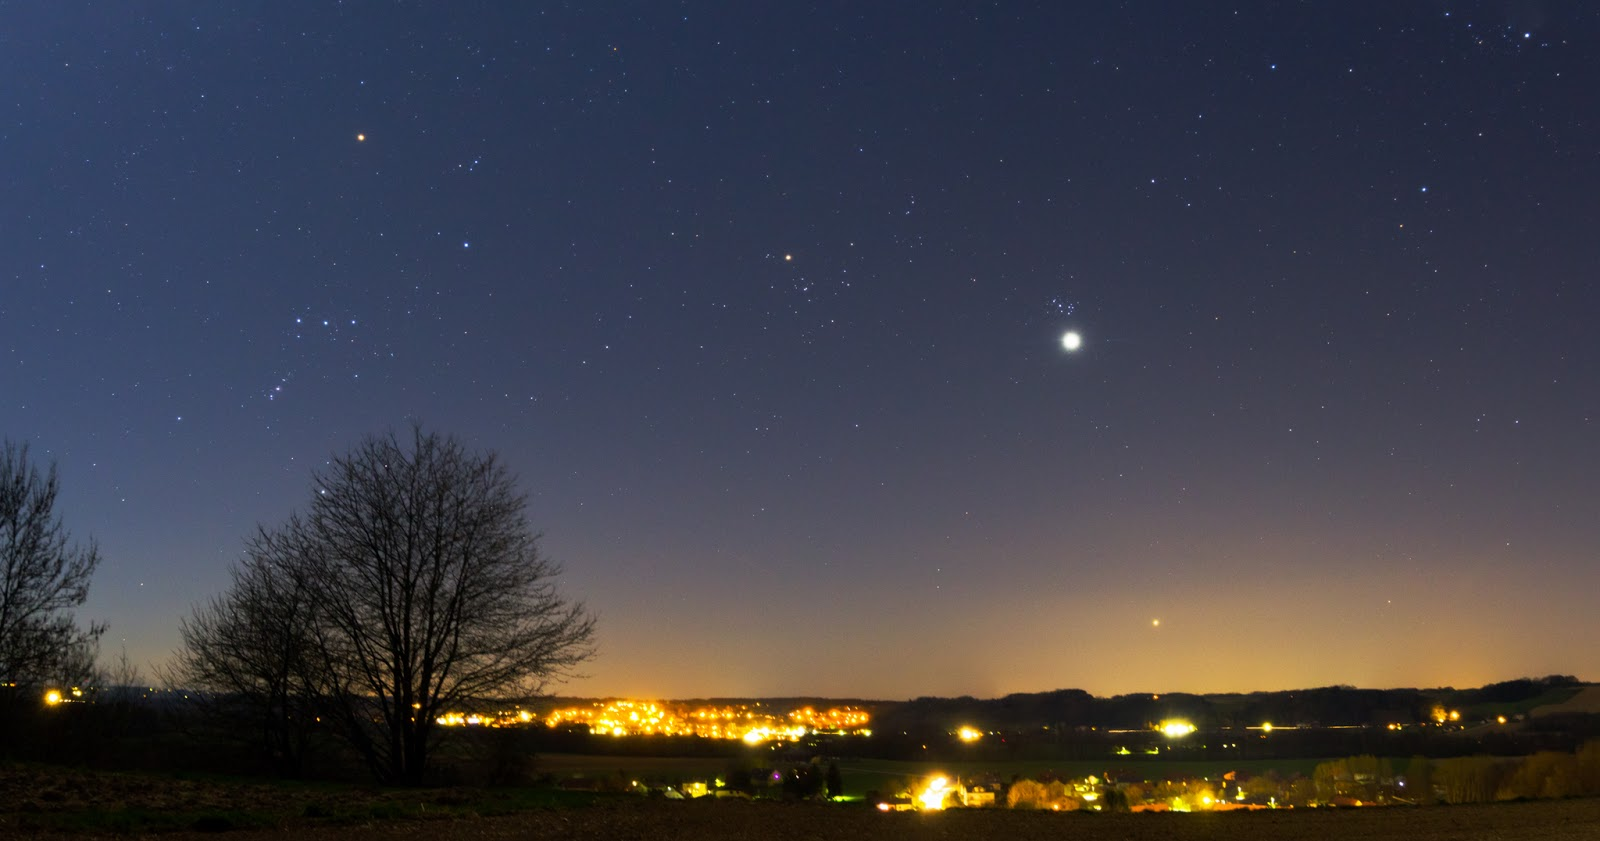 Mặt Trăng cùng hành tinh Kim và sao Aldebaran, cụm sao Pleiades. Tác giả : Herbert Raab.